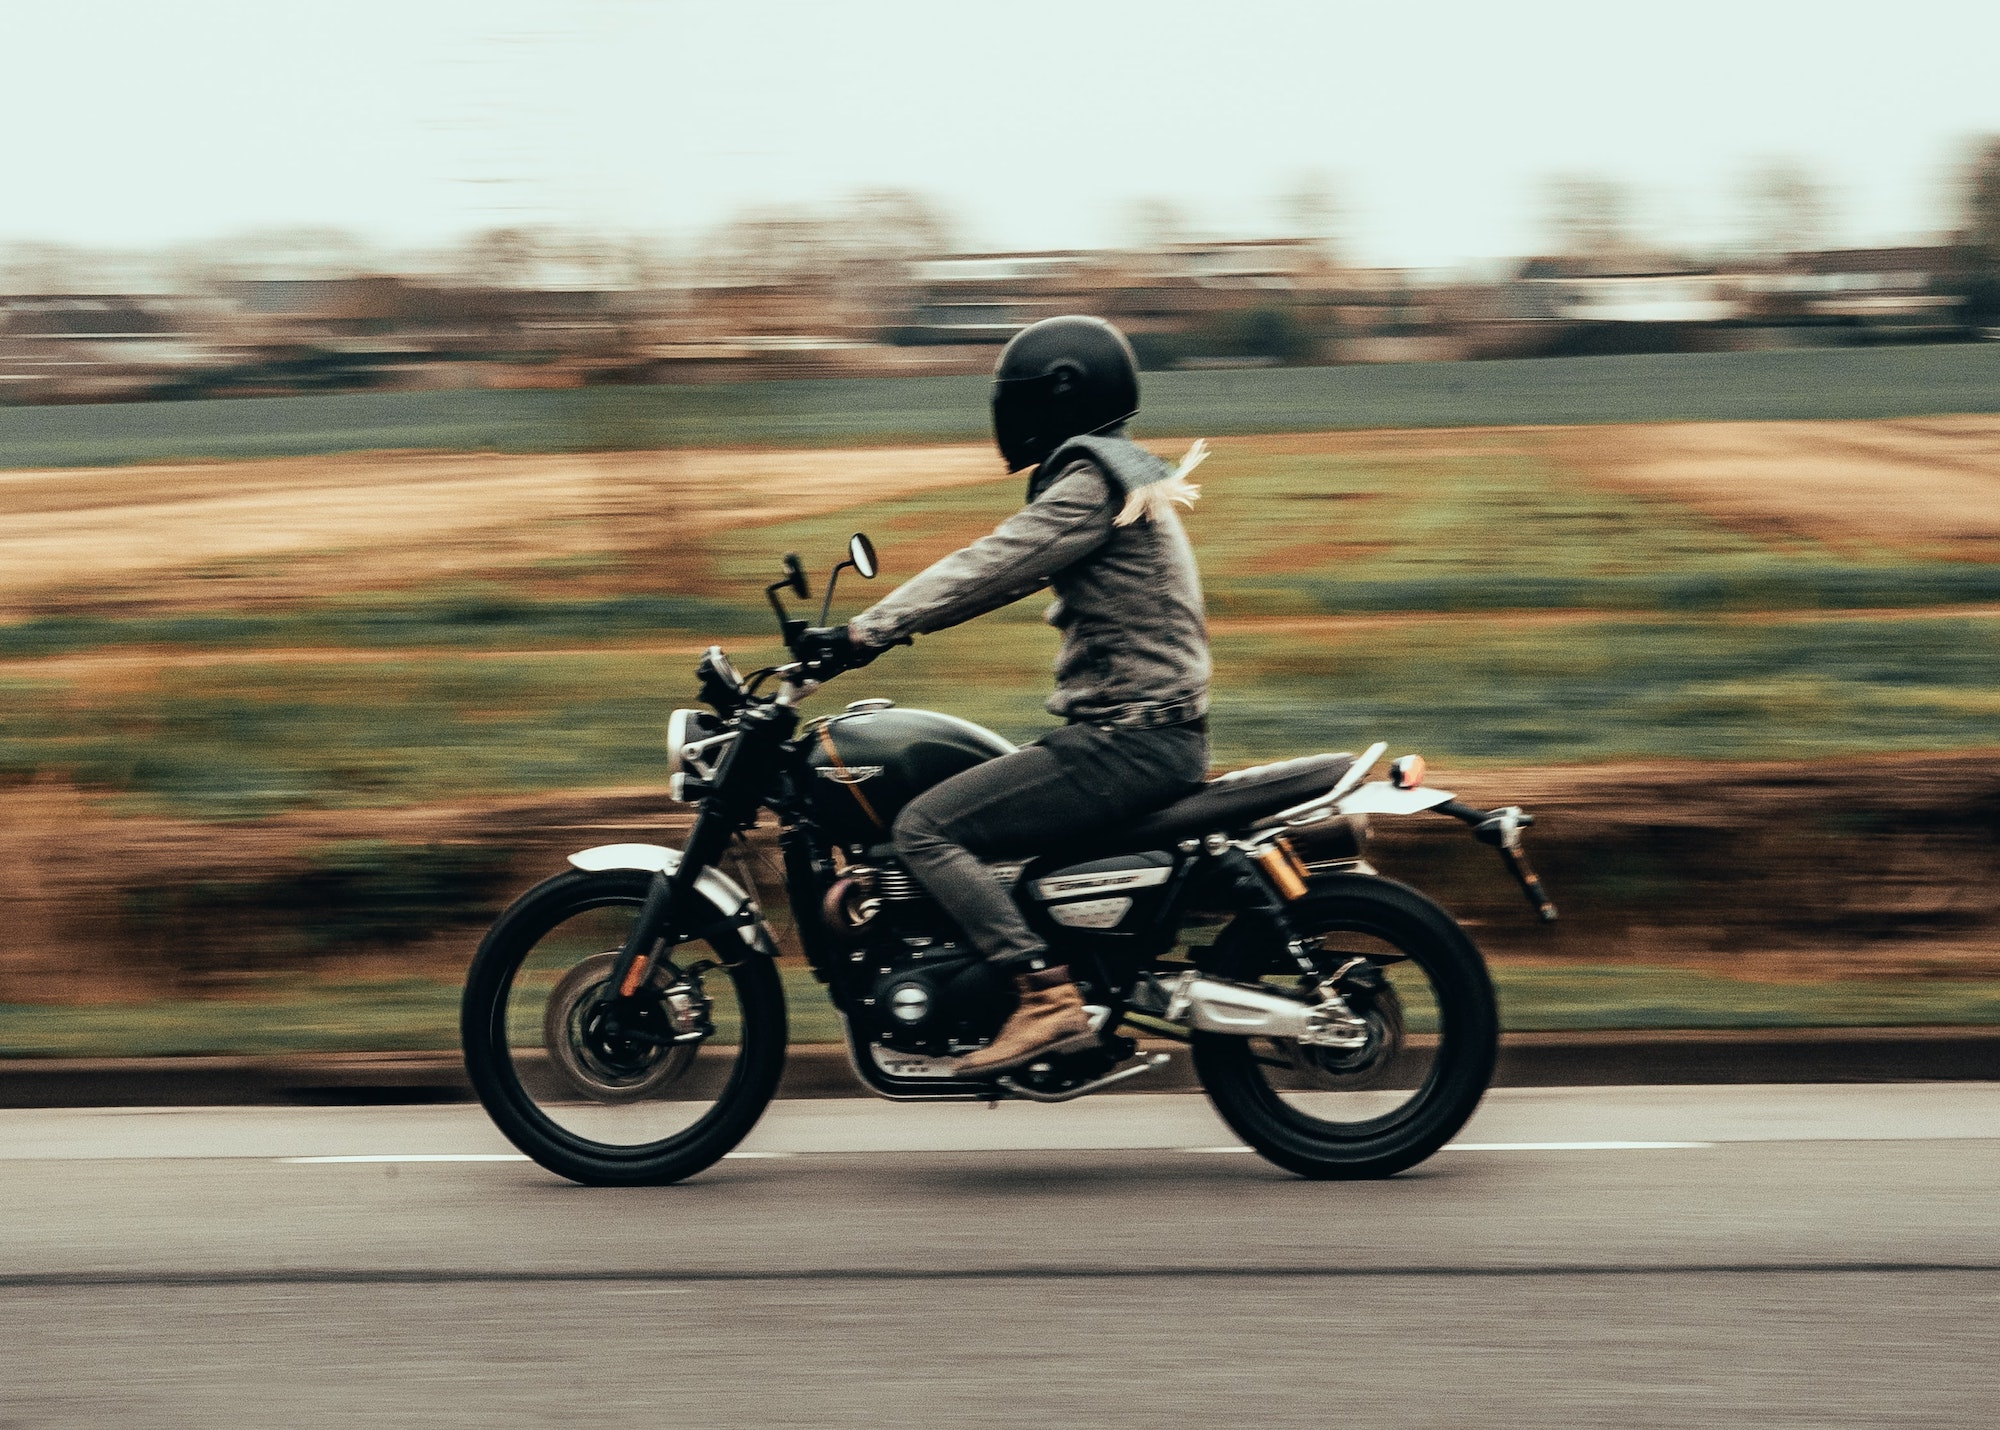 motorcyclist wearing a helmet